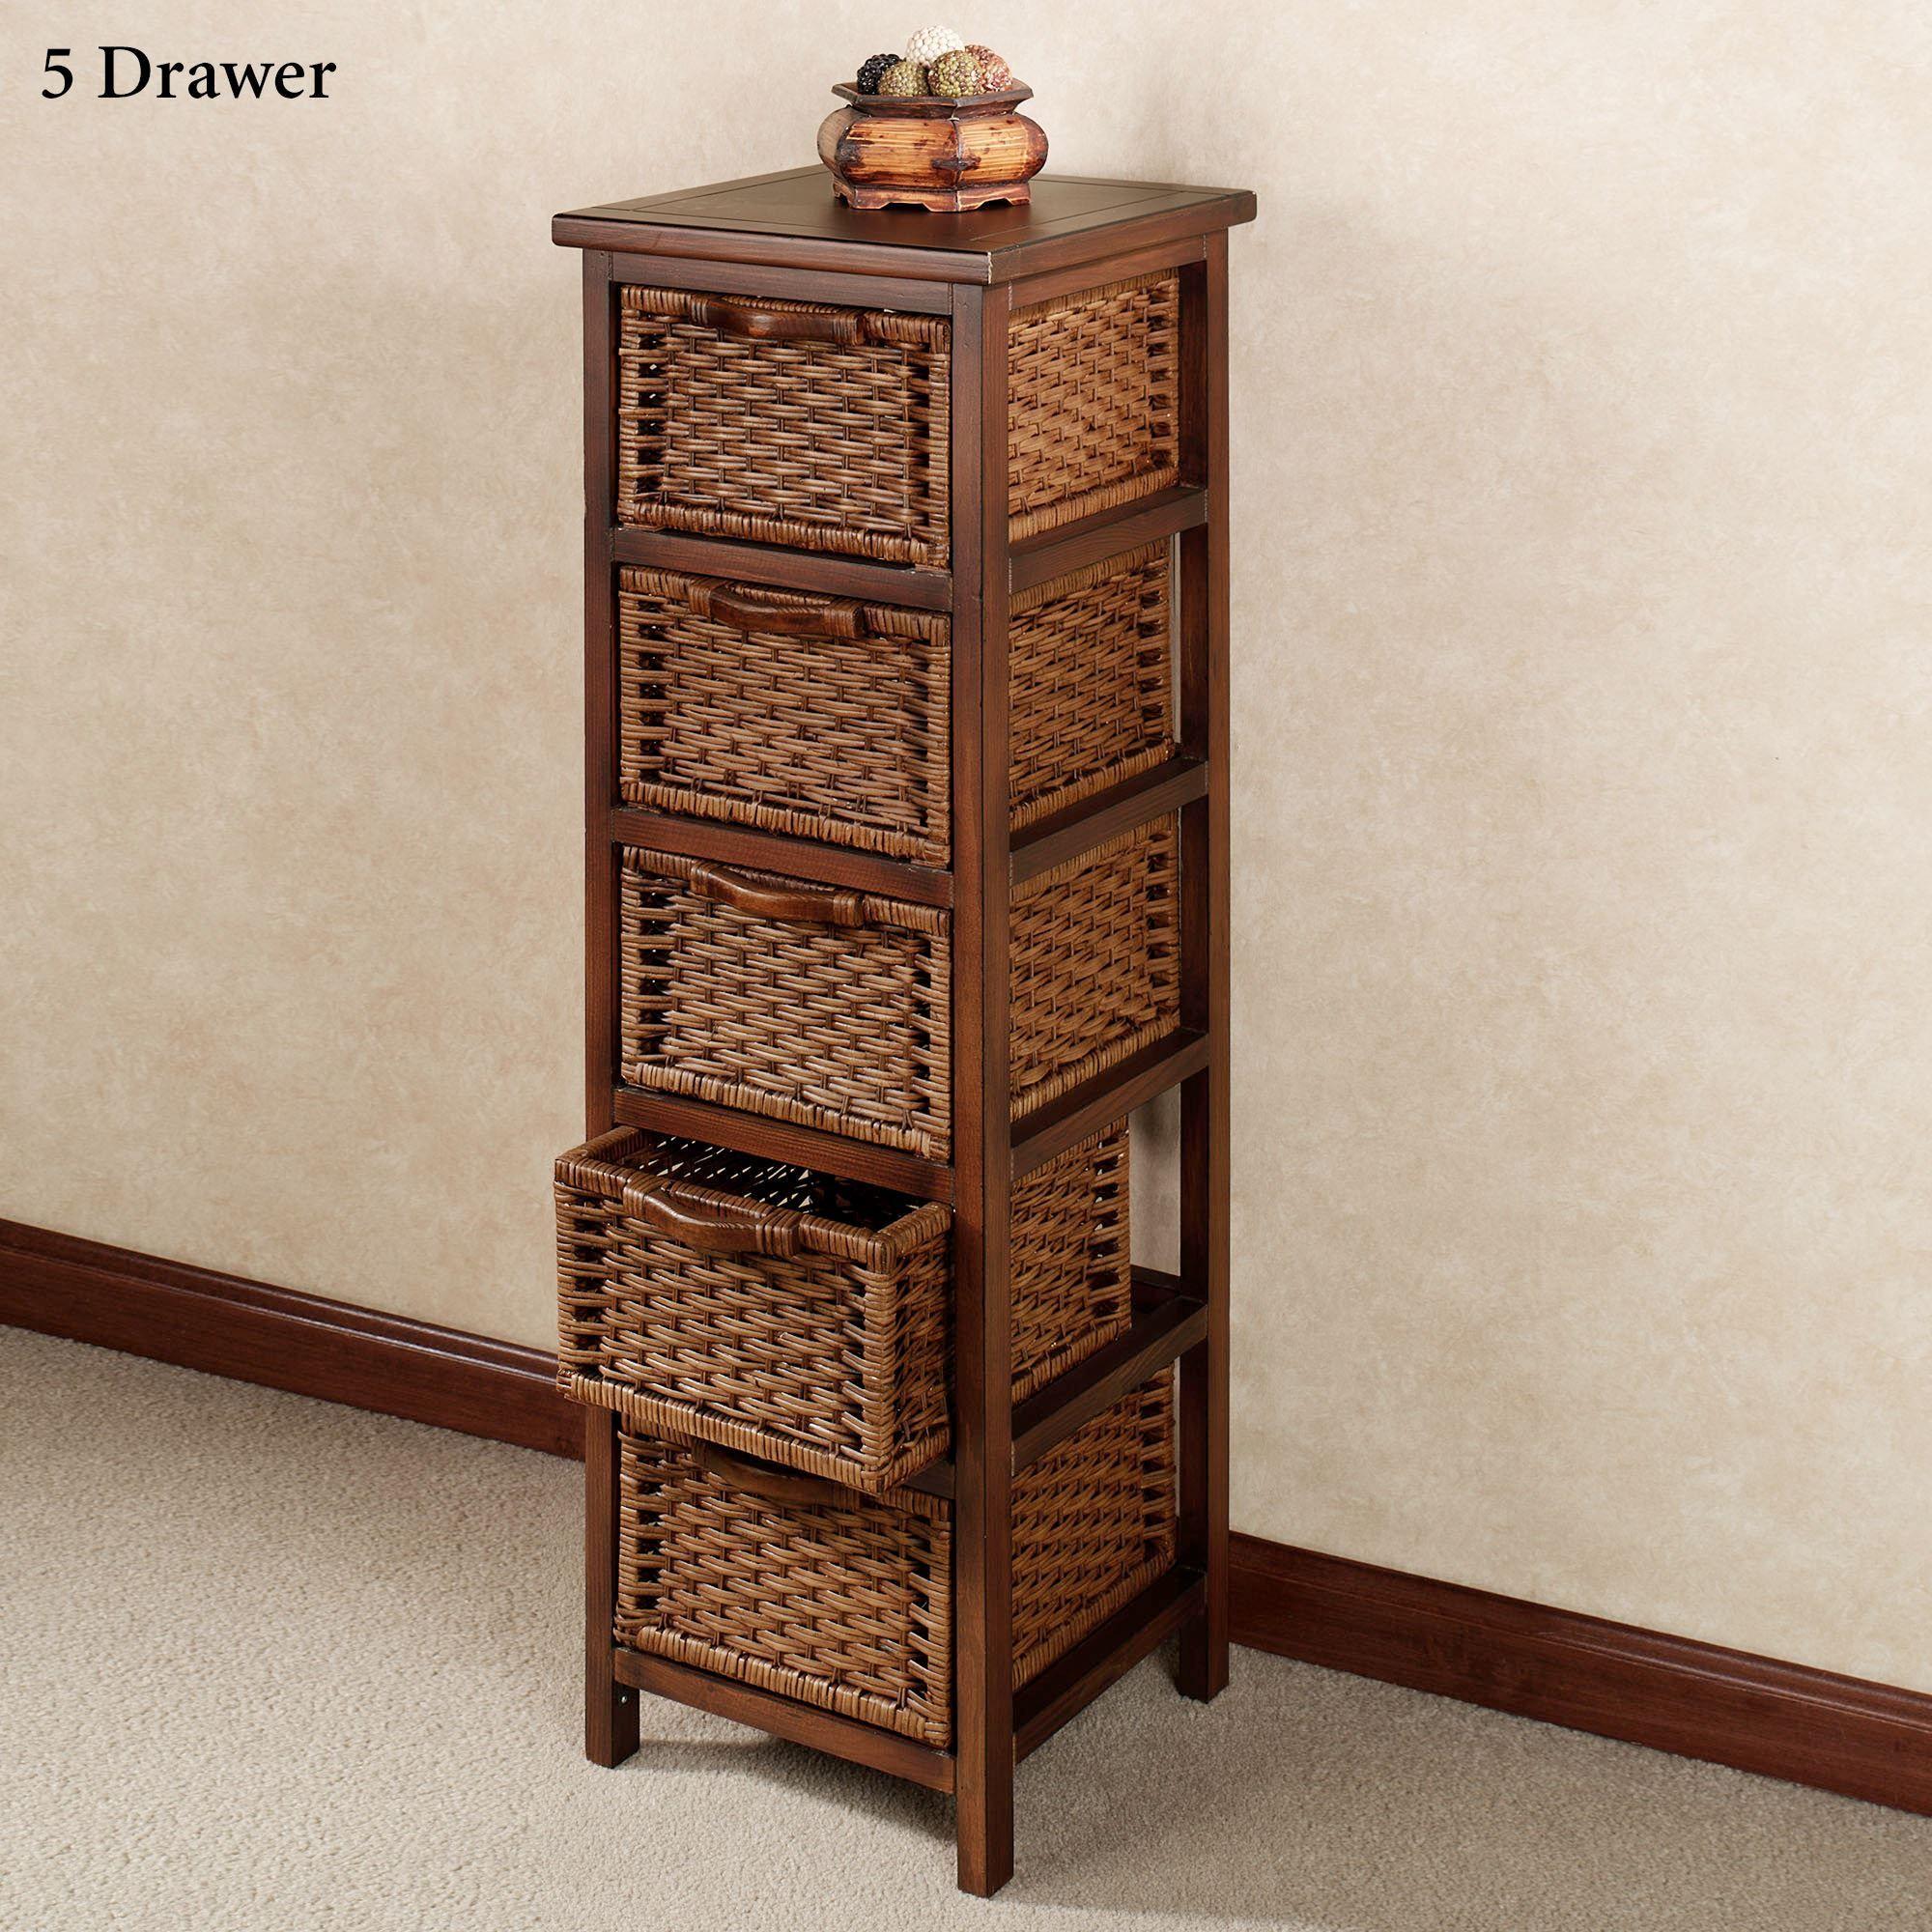 kristiansen kai large of drawers drawer chest